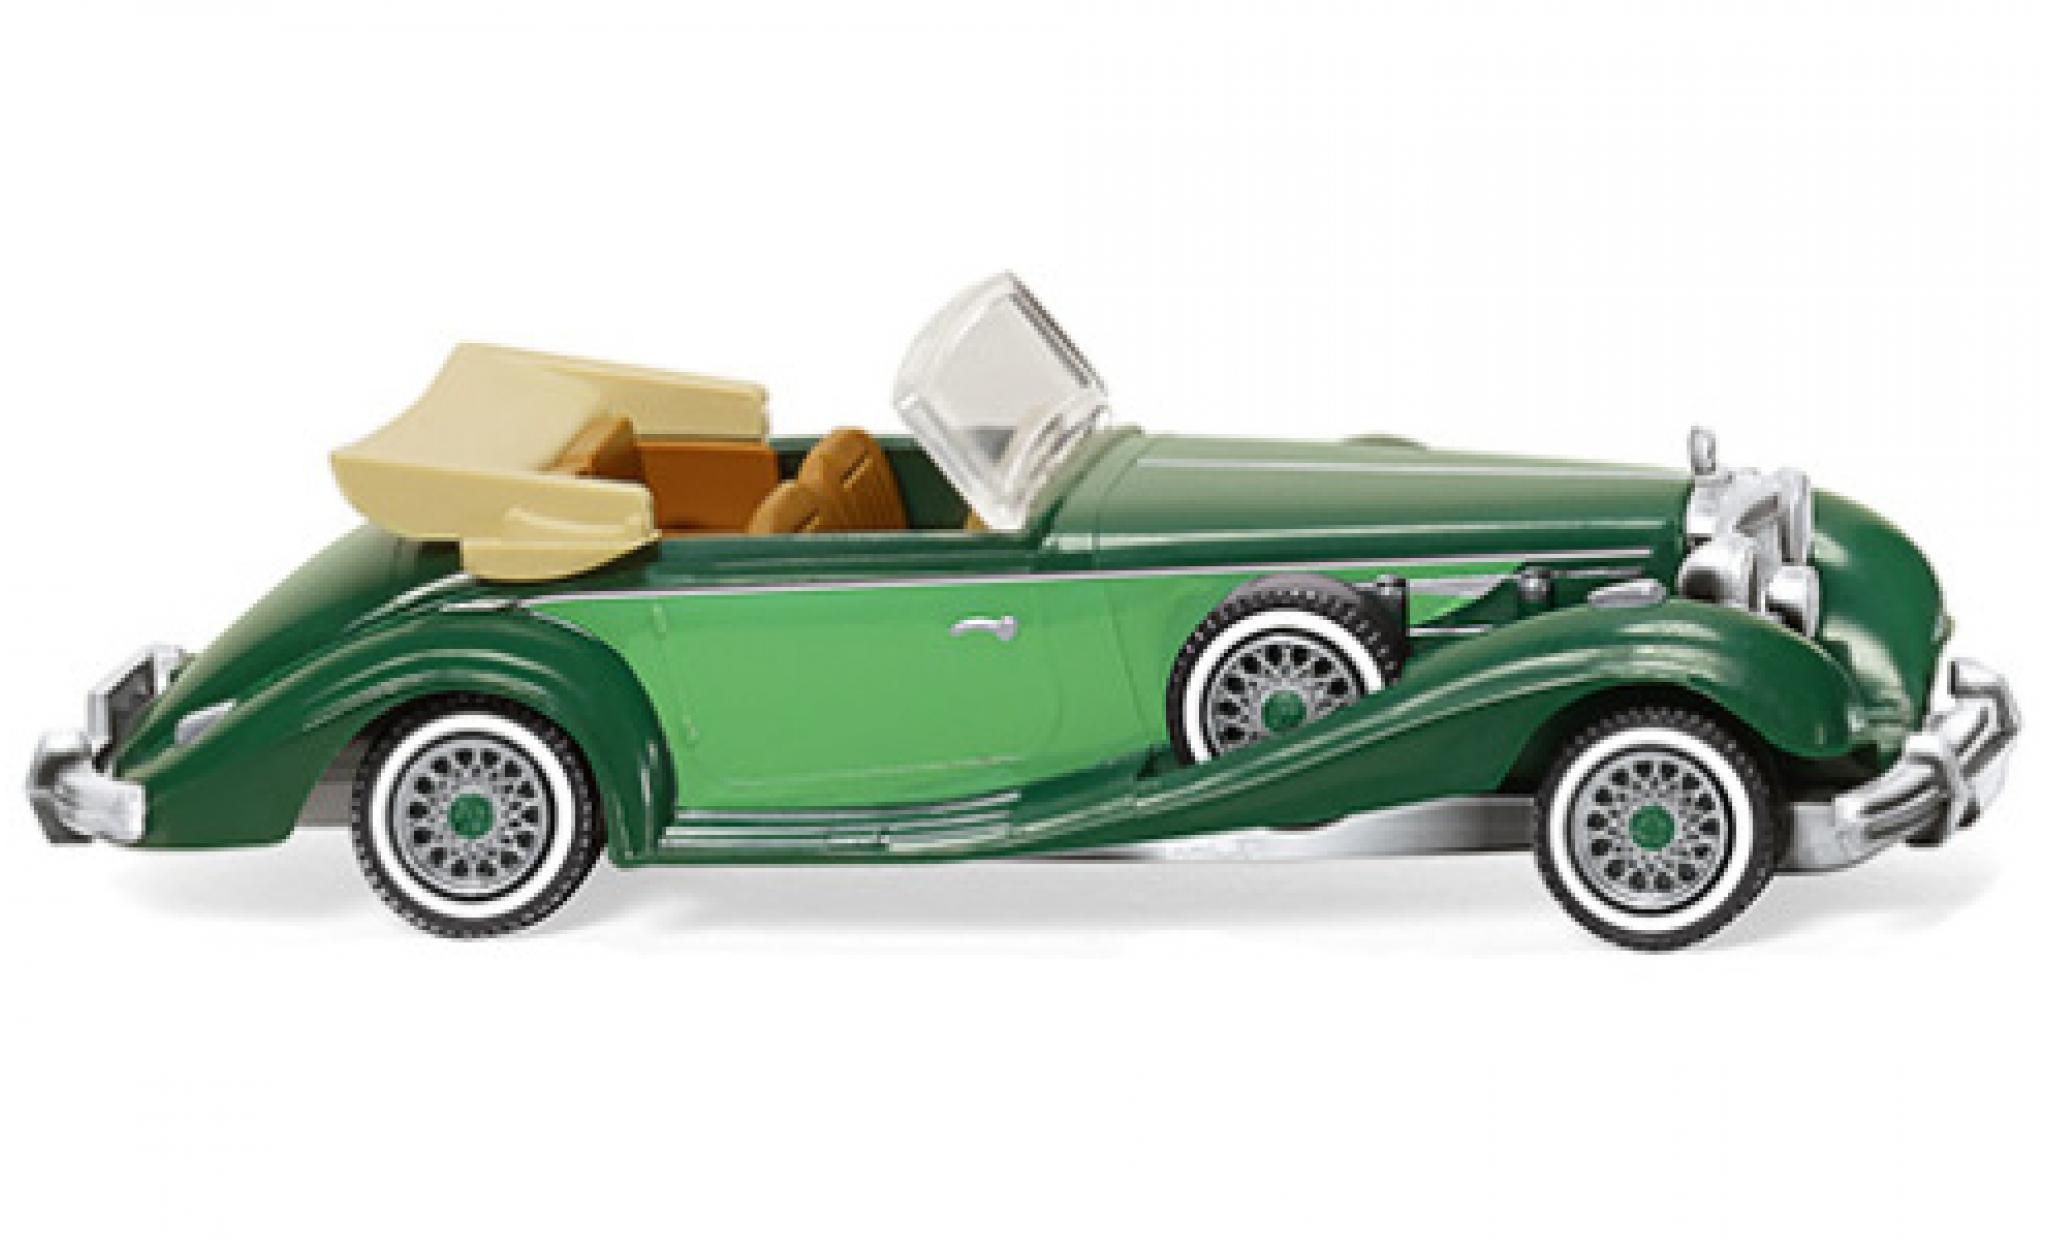 Mercedes 540 1/87 Wiking K Cabriolet verte/verte 1936